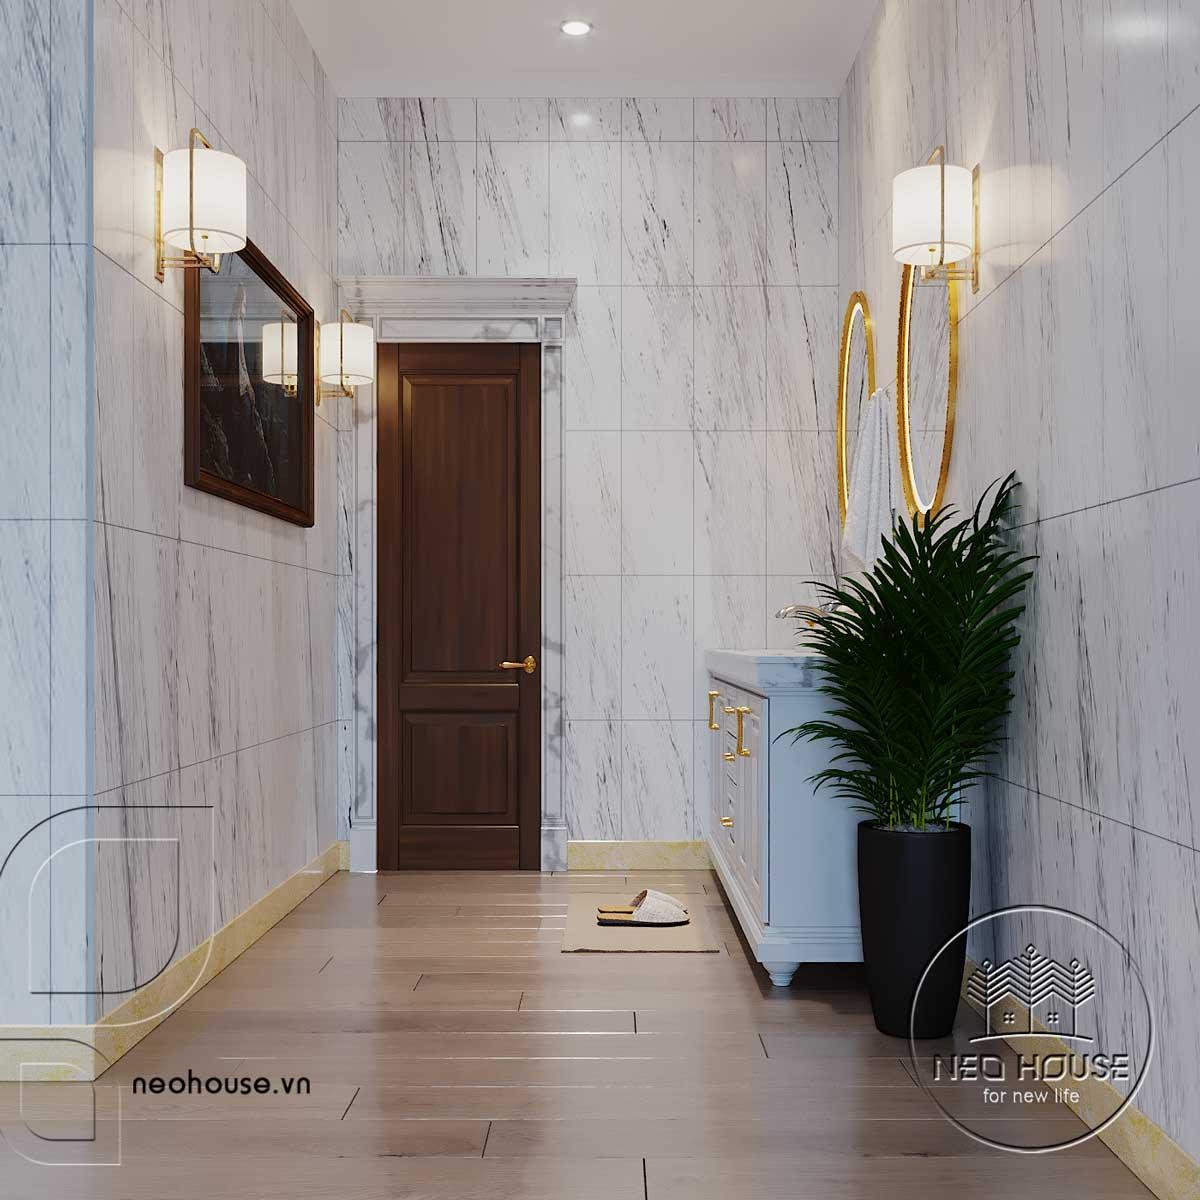 Thiết kế nội thất tân cổ điển biệt thự 3 tầng phòng WC lầu 1. Ảnh 1